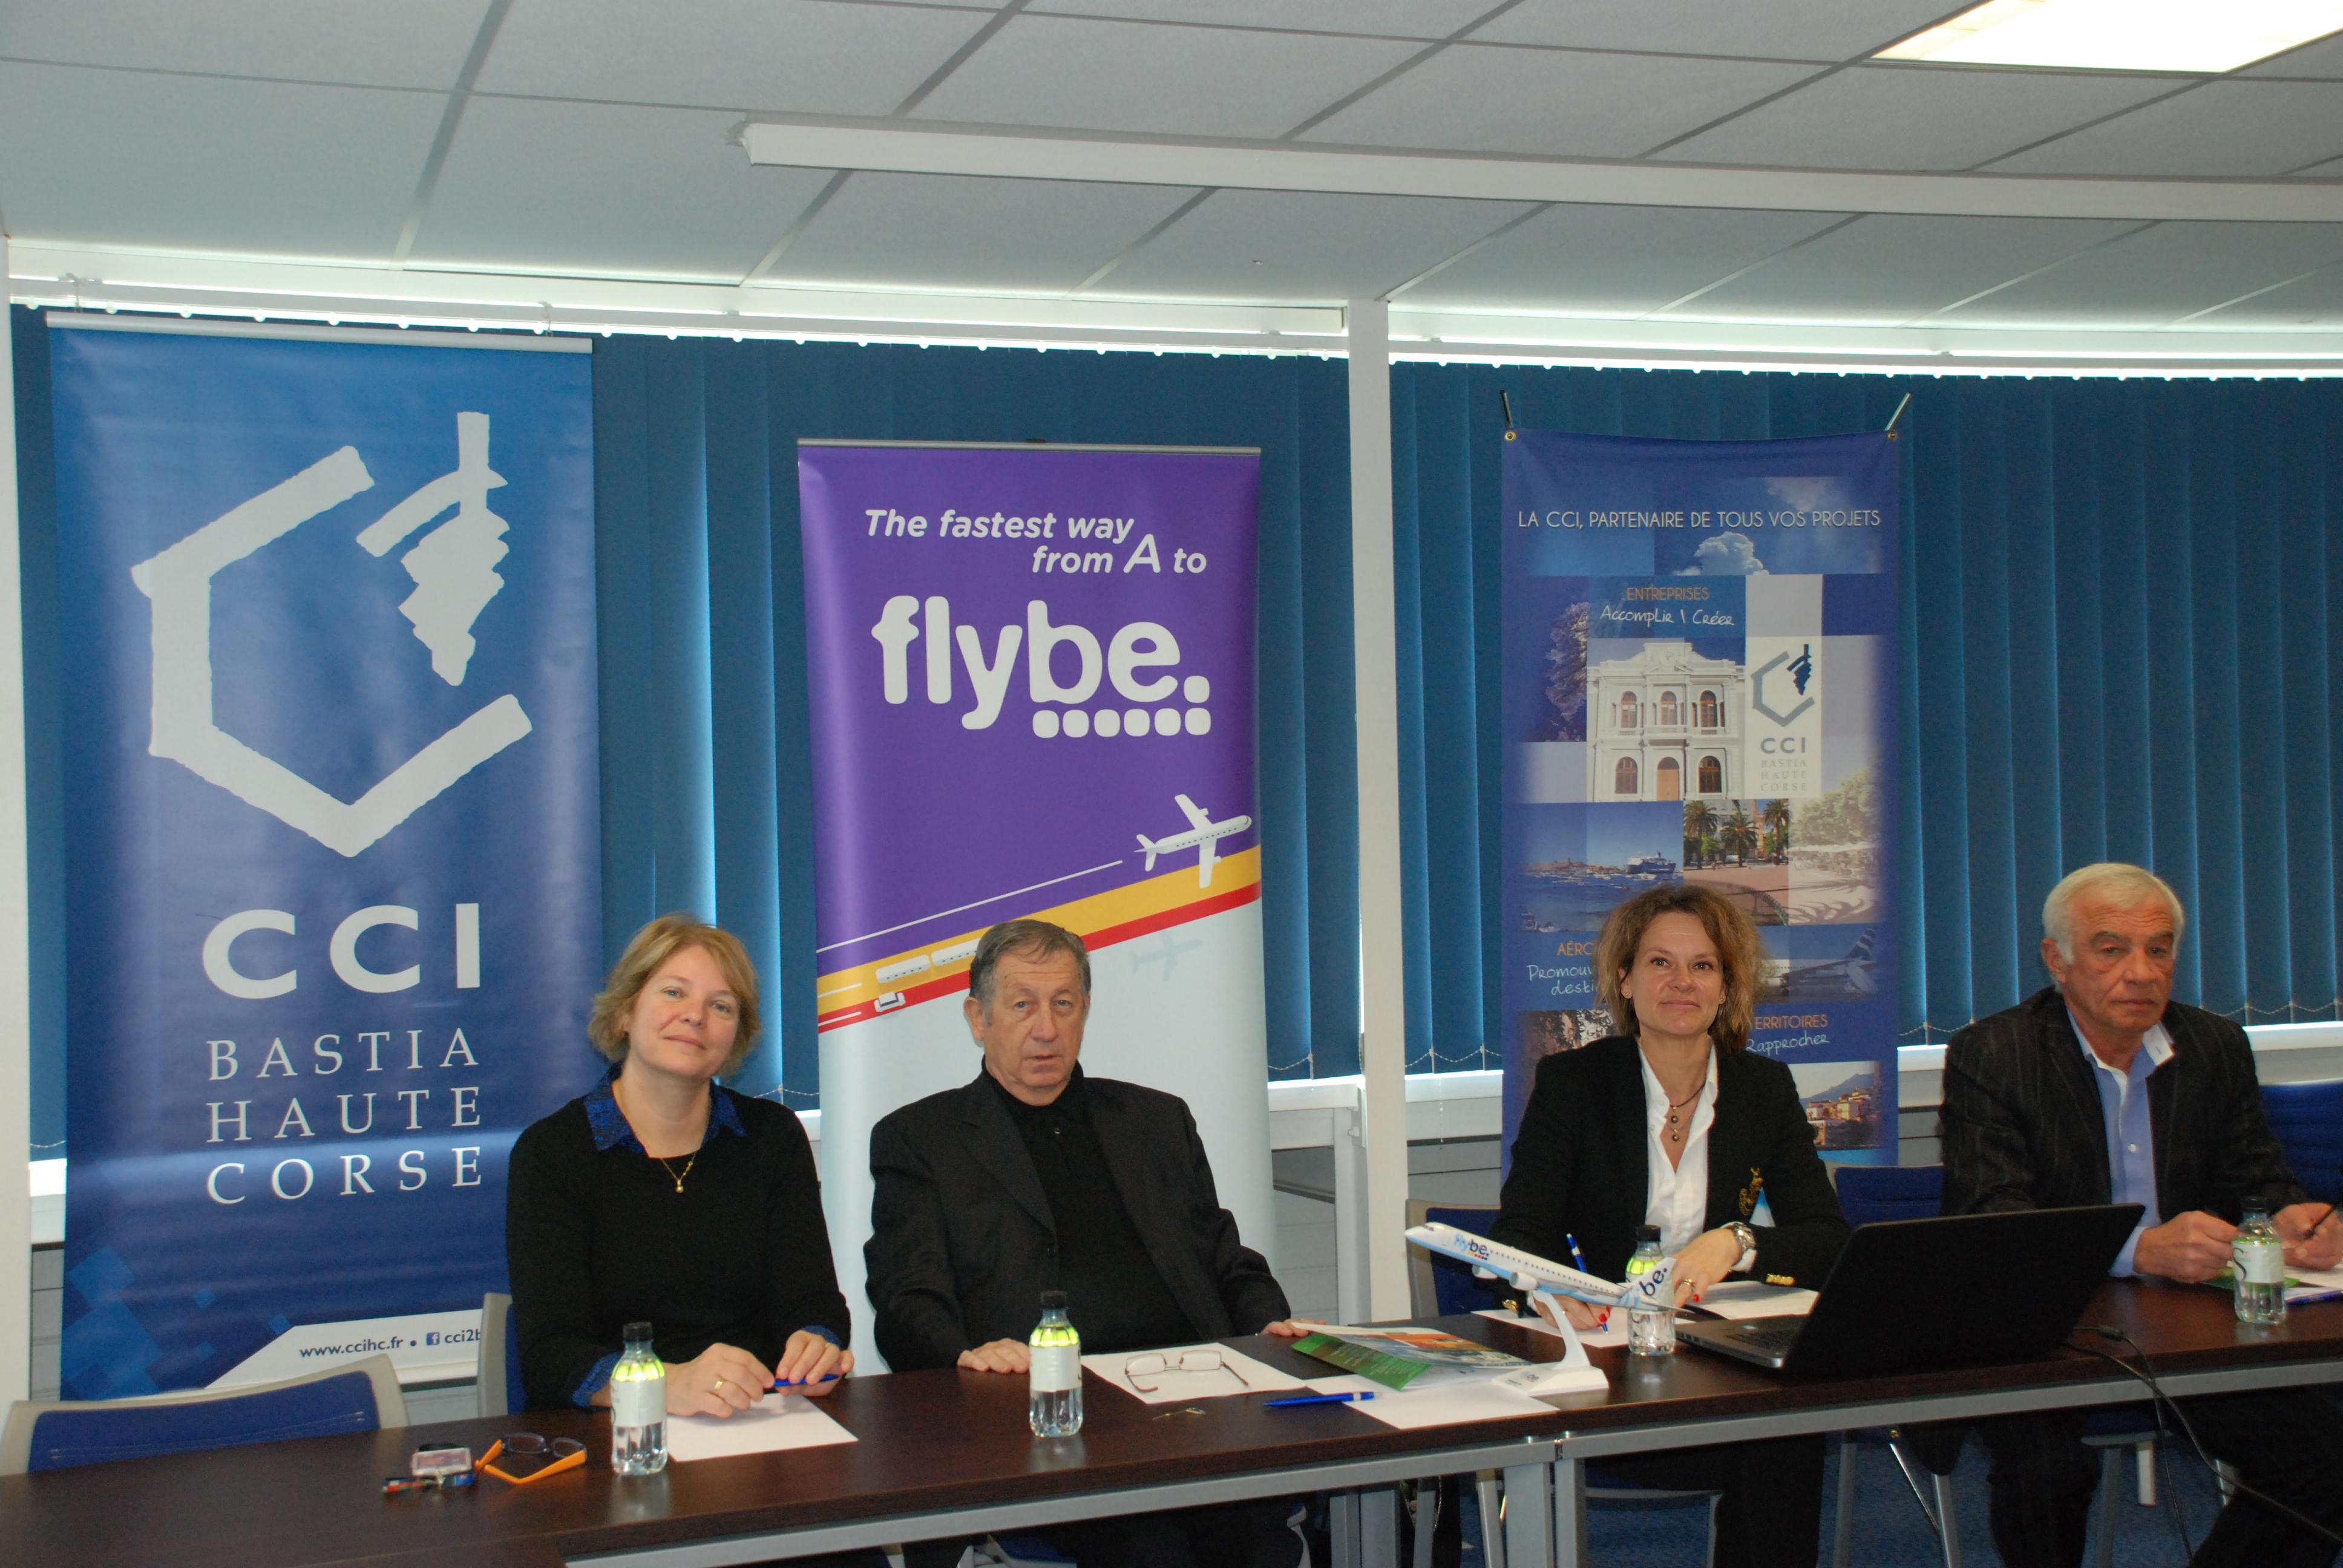 La CCI et la compagnie Flybe ont présenté à la presse les deux nouvelles dessertes aériennes